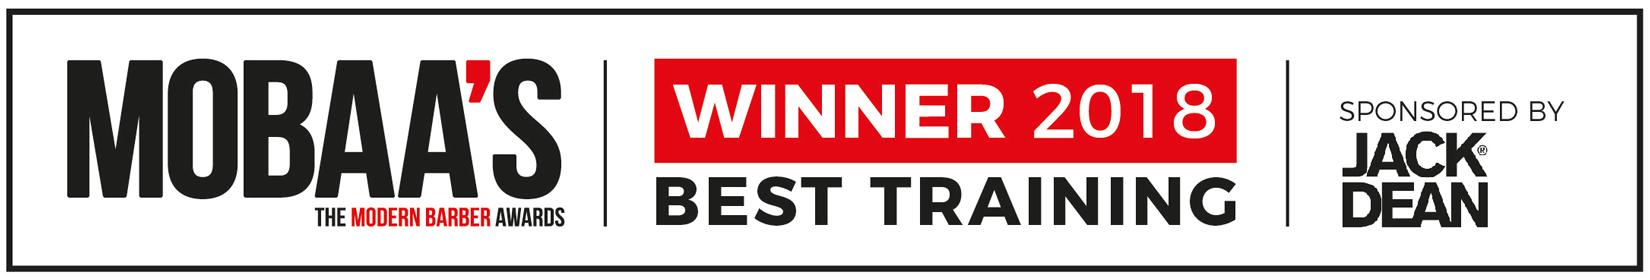 Winner 2018 Best Training at MOBAA's The Modern Barber Awards